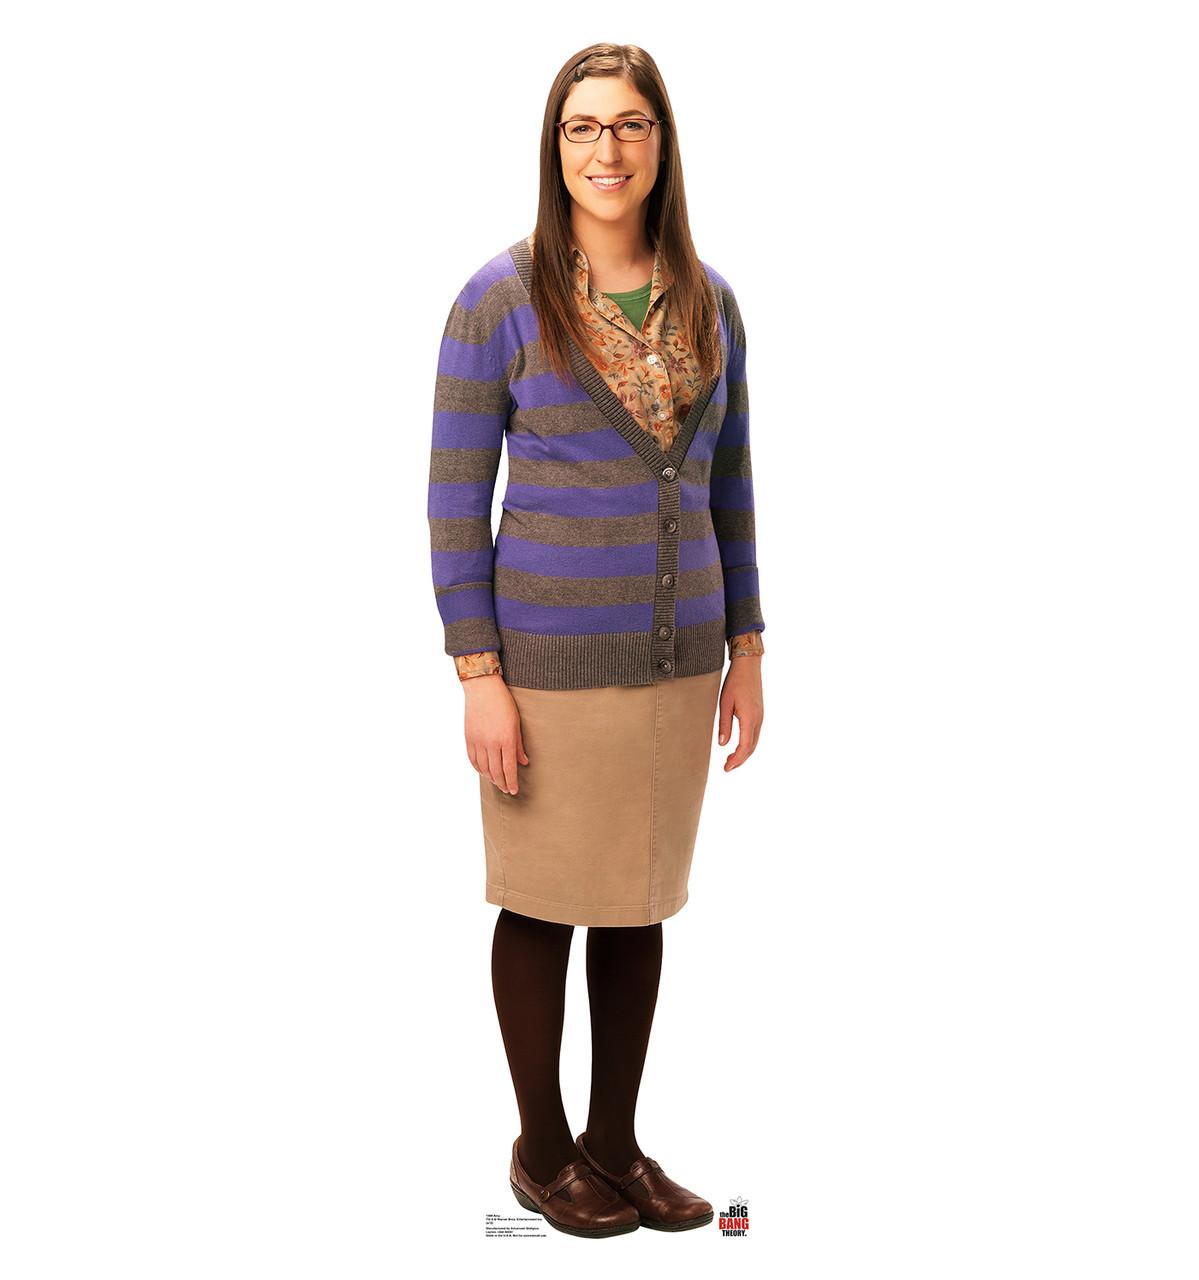 Amy - Big Bang Theory - Cardboard Cutout Front View